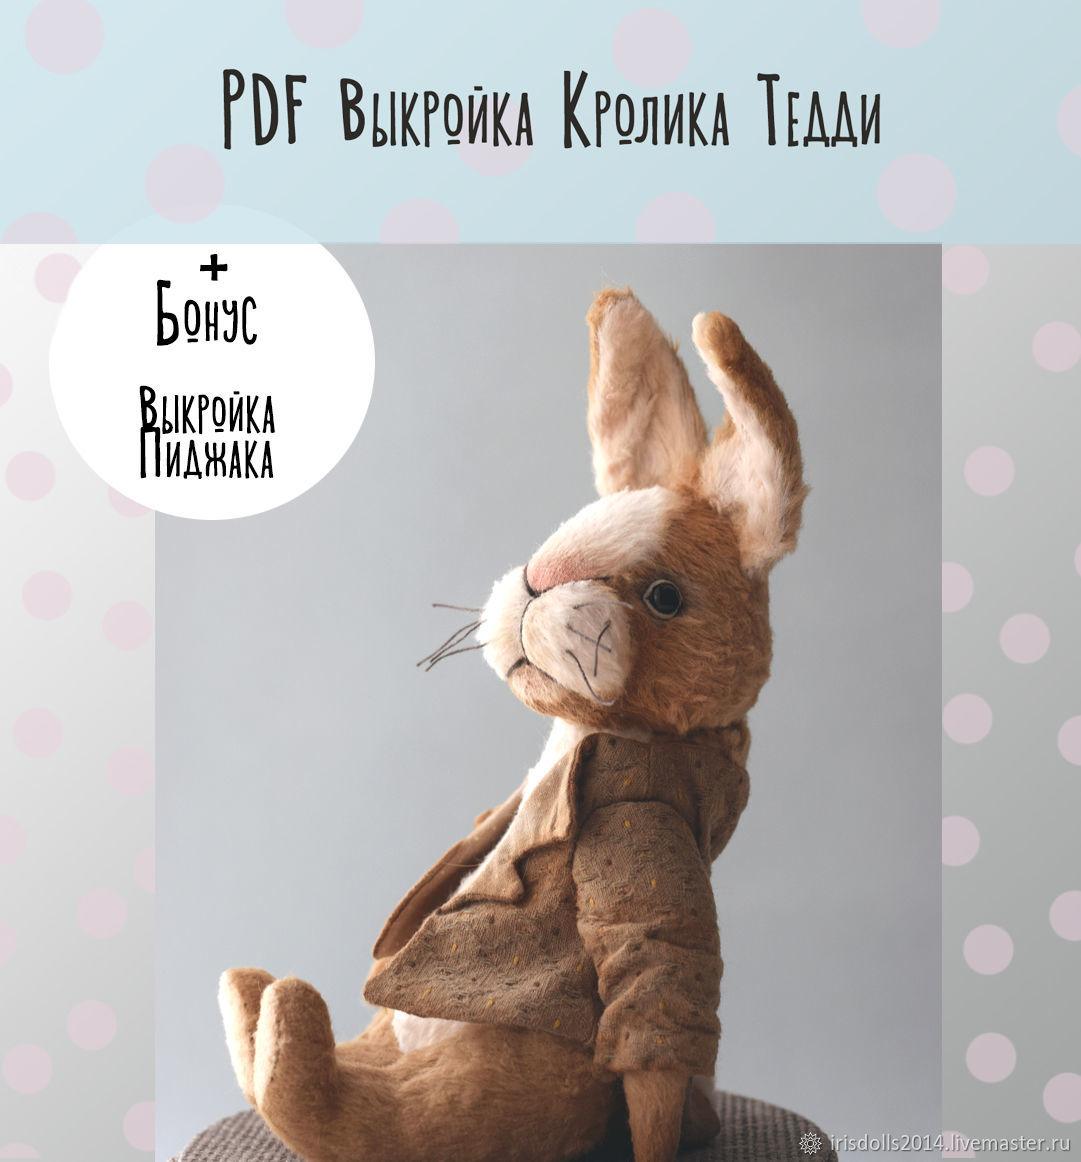 Выкройка тедди кролика. Купить выкройку кролика. Выкройка зайца.  Авторская выкройка.